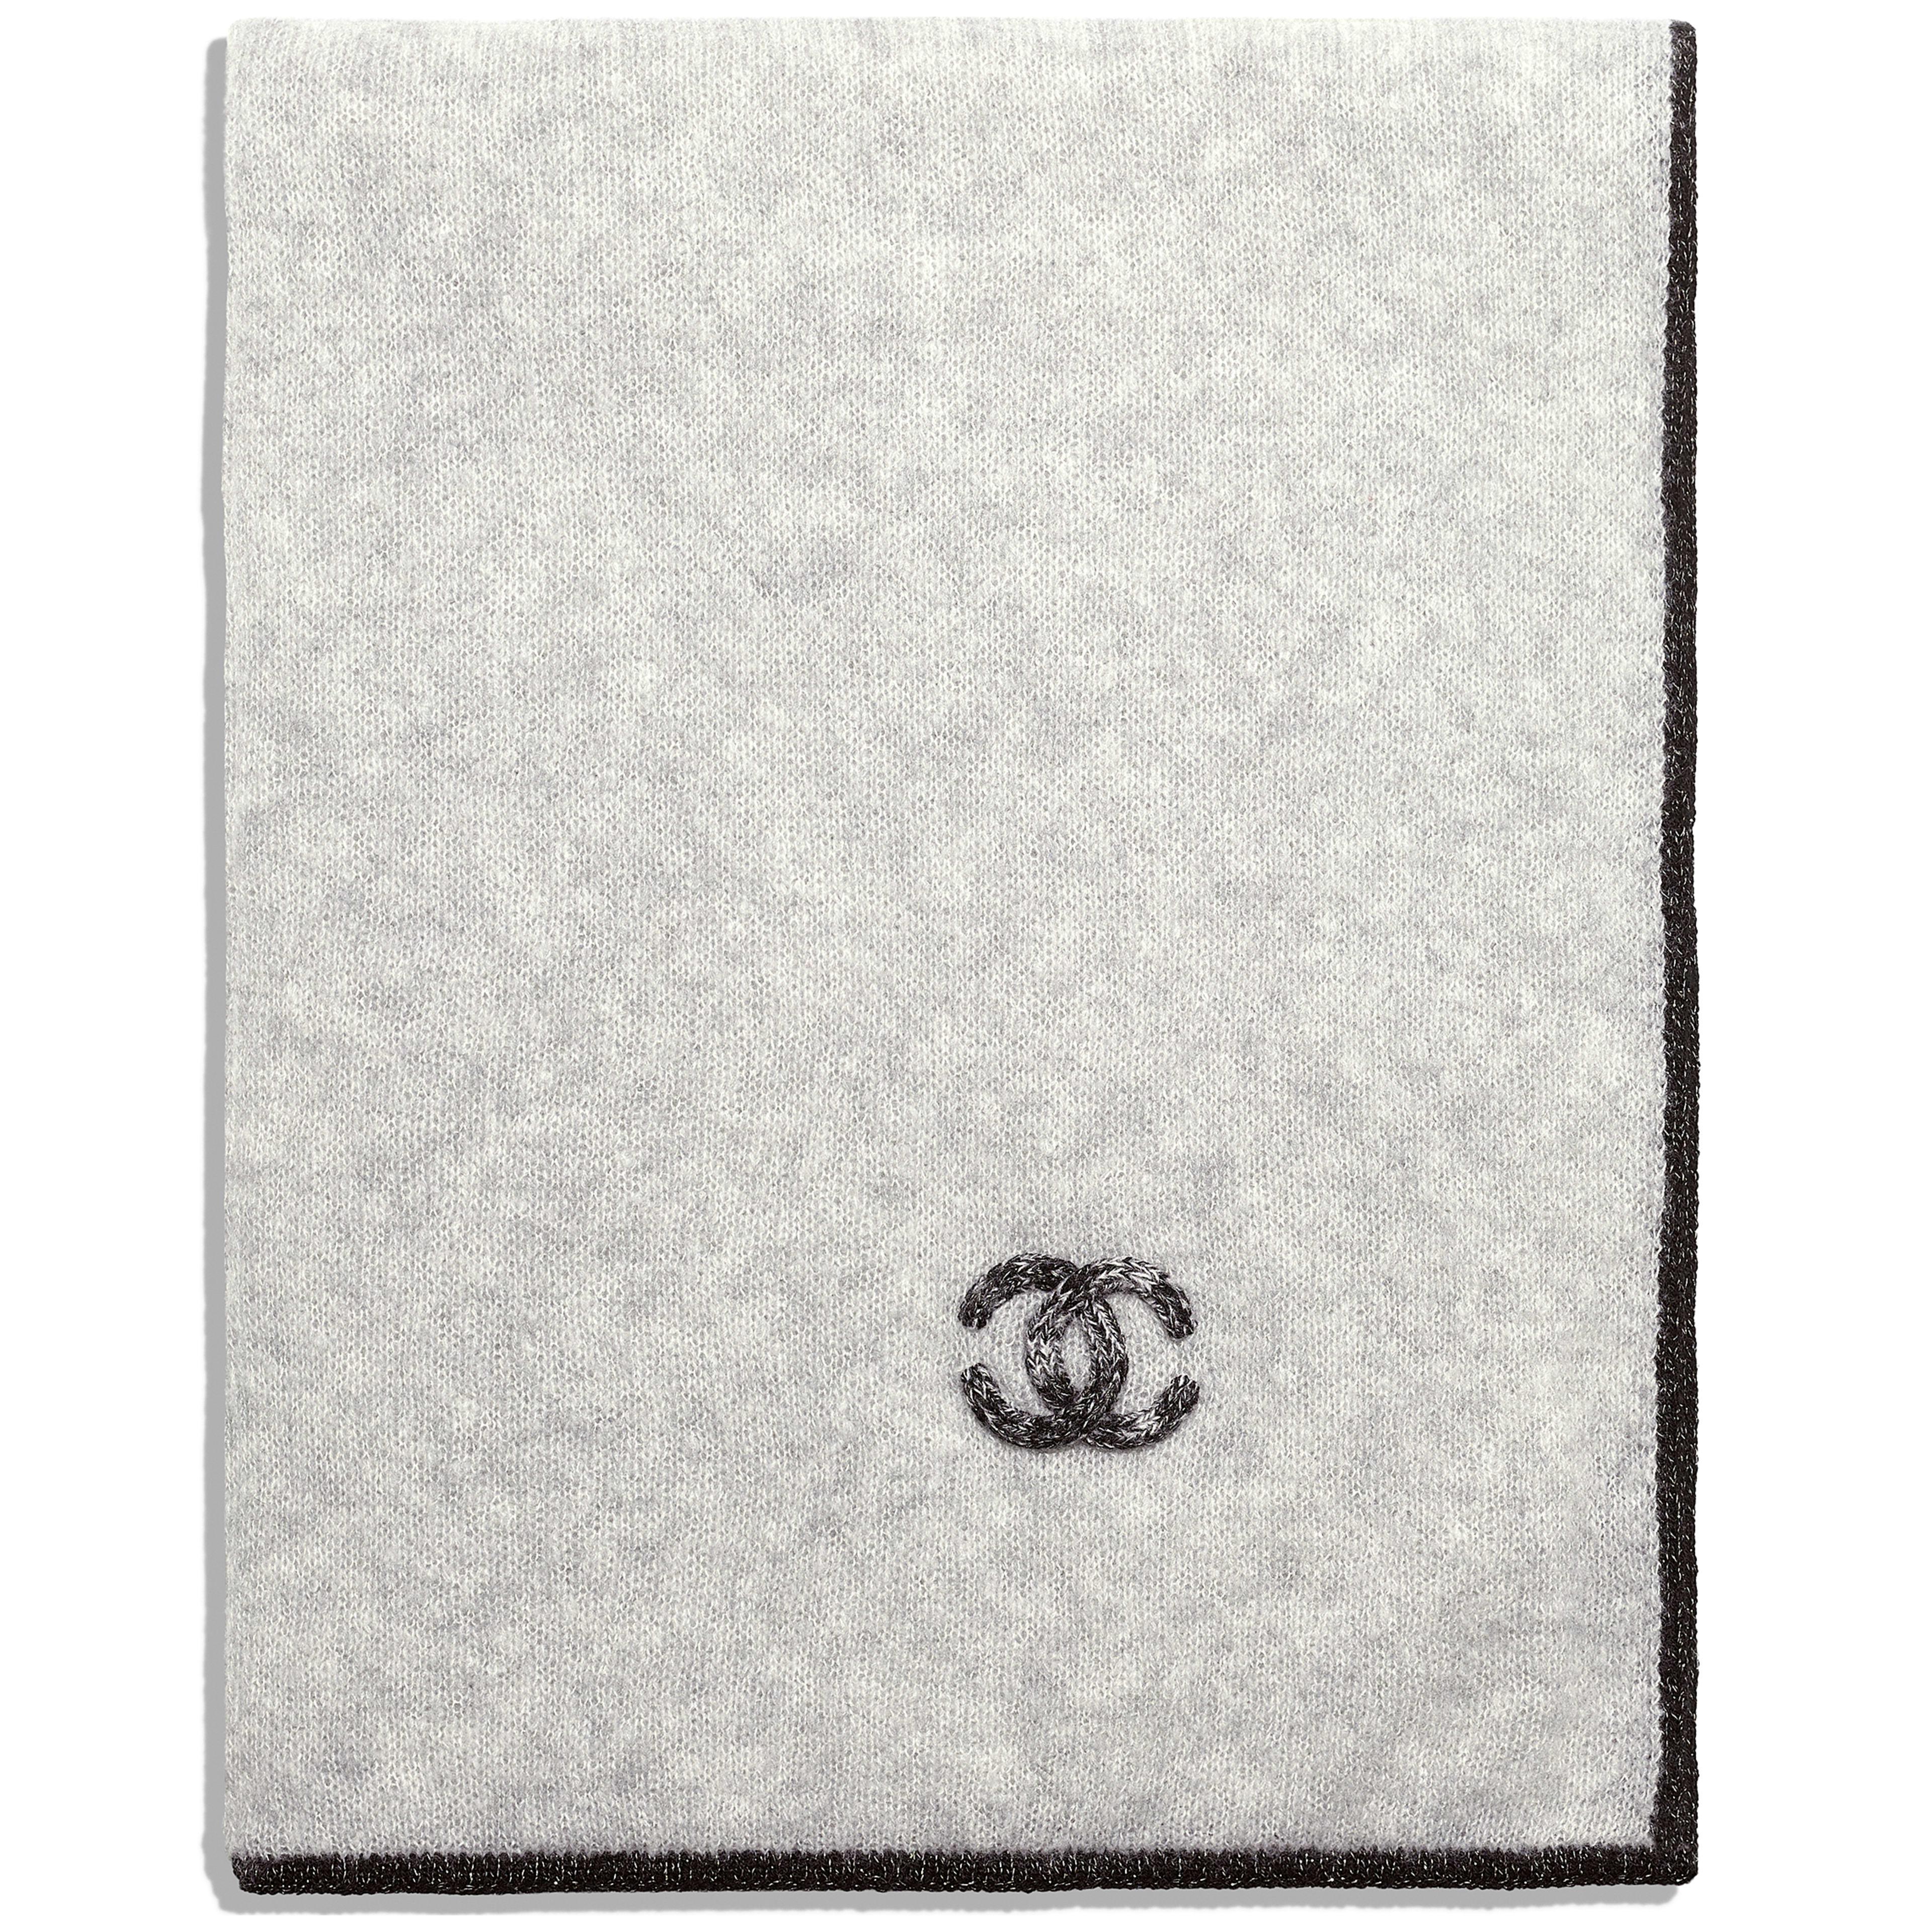 ผ้าพันคอ - สีเทา - ผ้าแคชเมียร์และผ้าไหม - มุมมองทางอื่น - ดูเวอร์ชันขนาดเต็ม